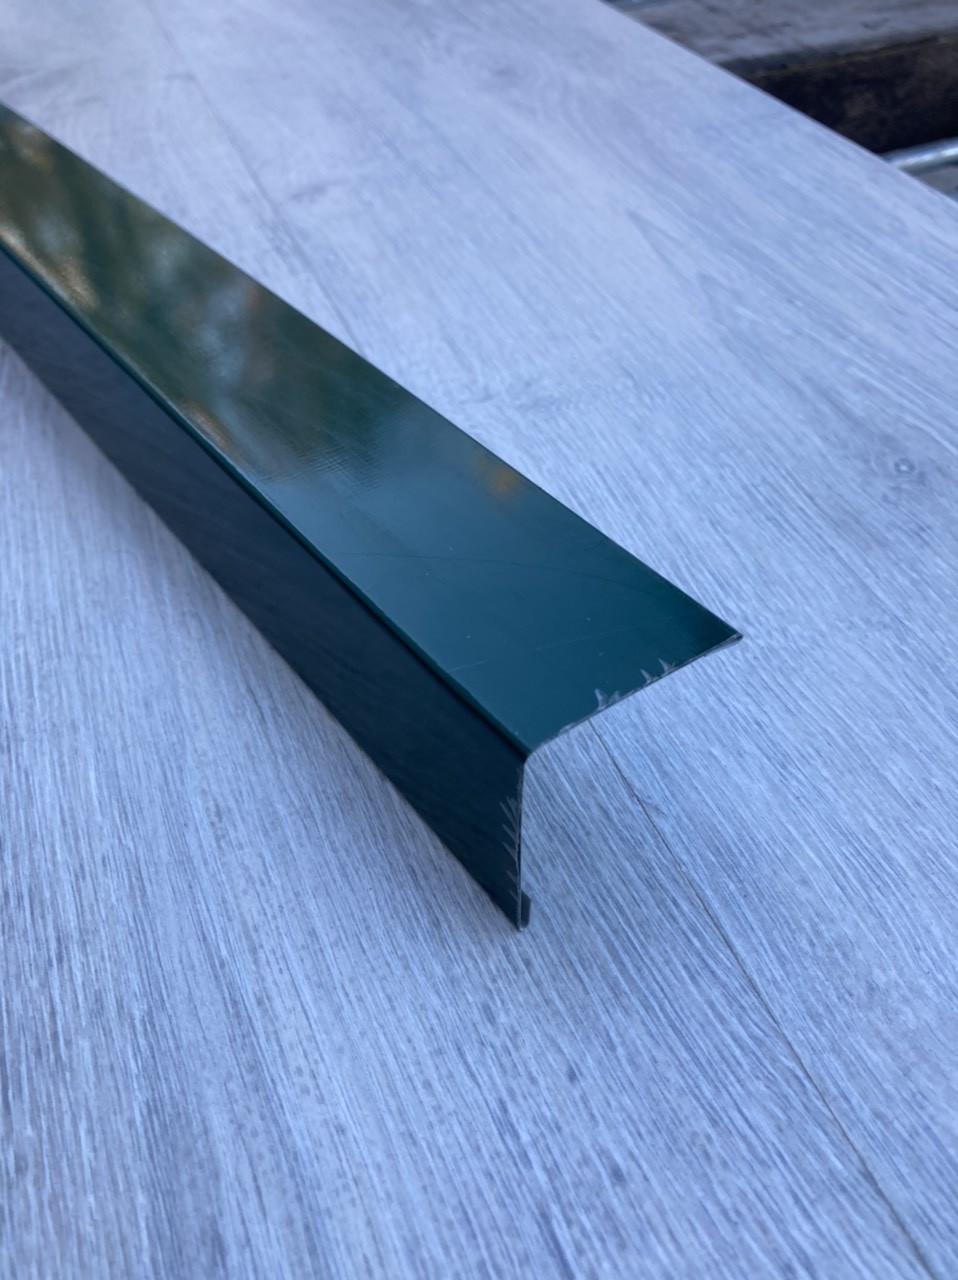 Угловая планка 40 Х 40 мм, зеленая, комплектующие для профнастила,